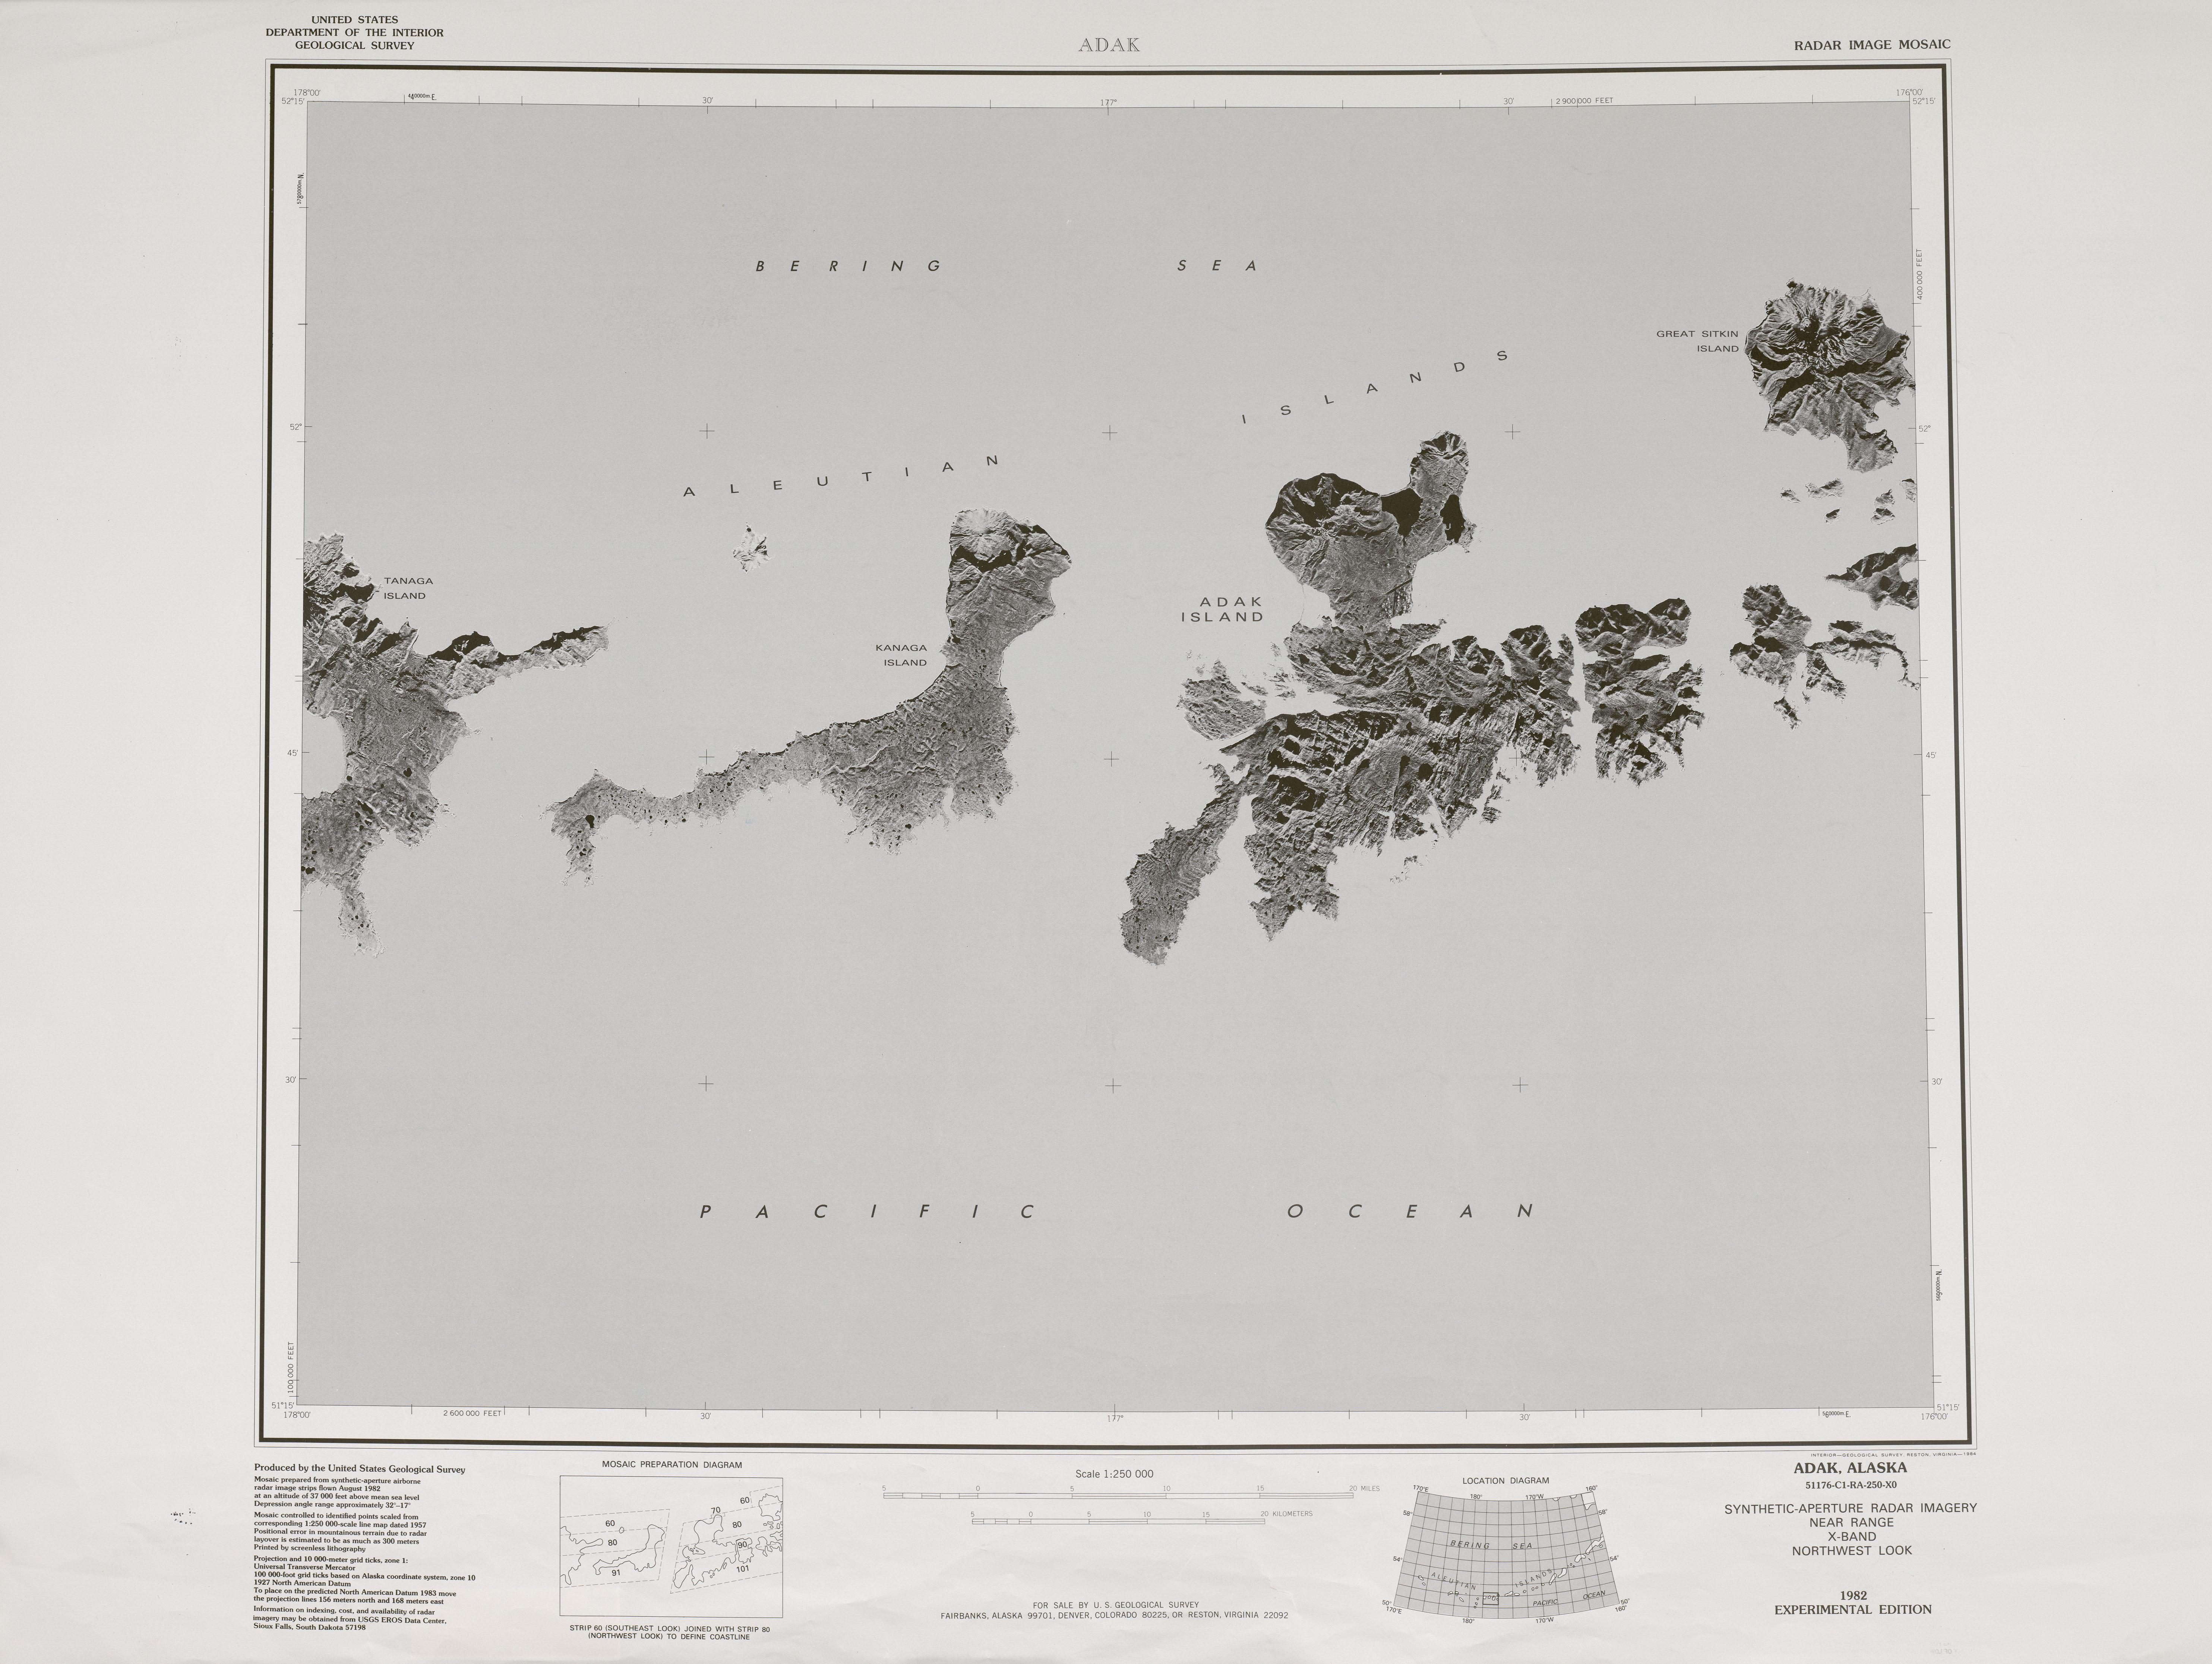 Hoja Adak del Mosaico de Imágenes Radar de los Estados Unidos 1983